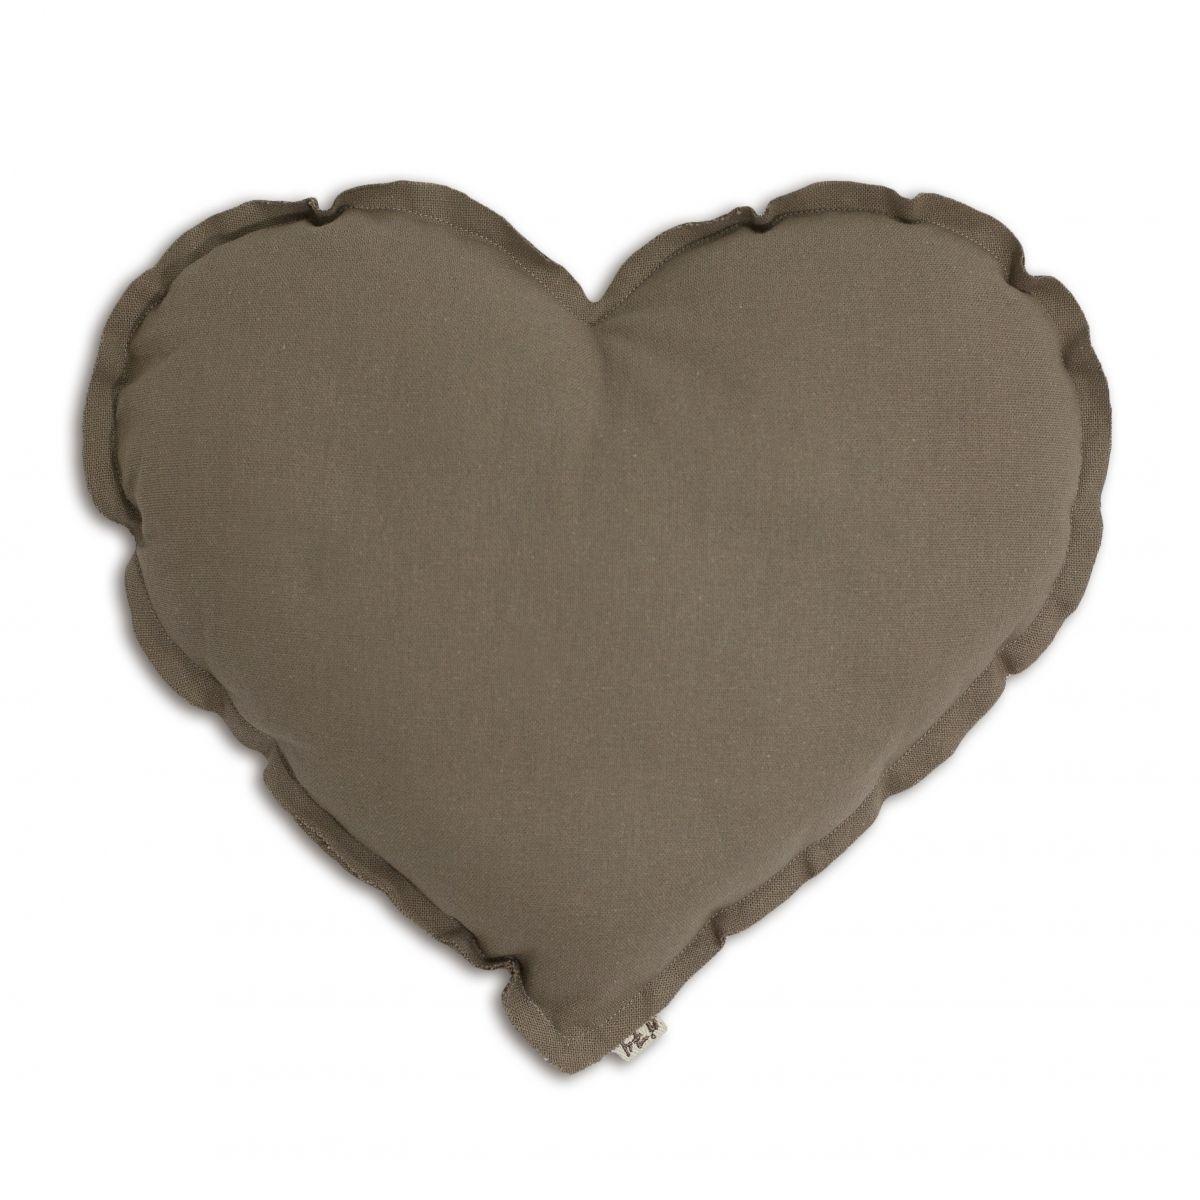 Poduszka Serce Heart Cushion beige beżowa - Numero 74